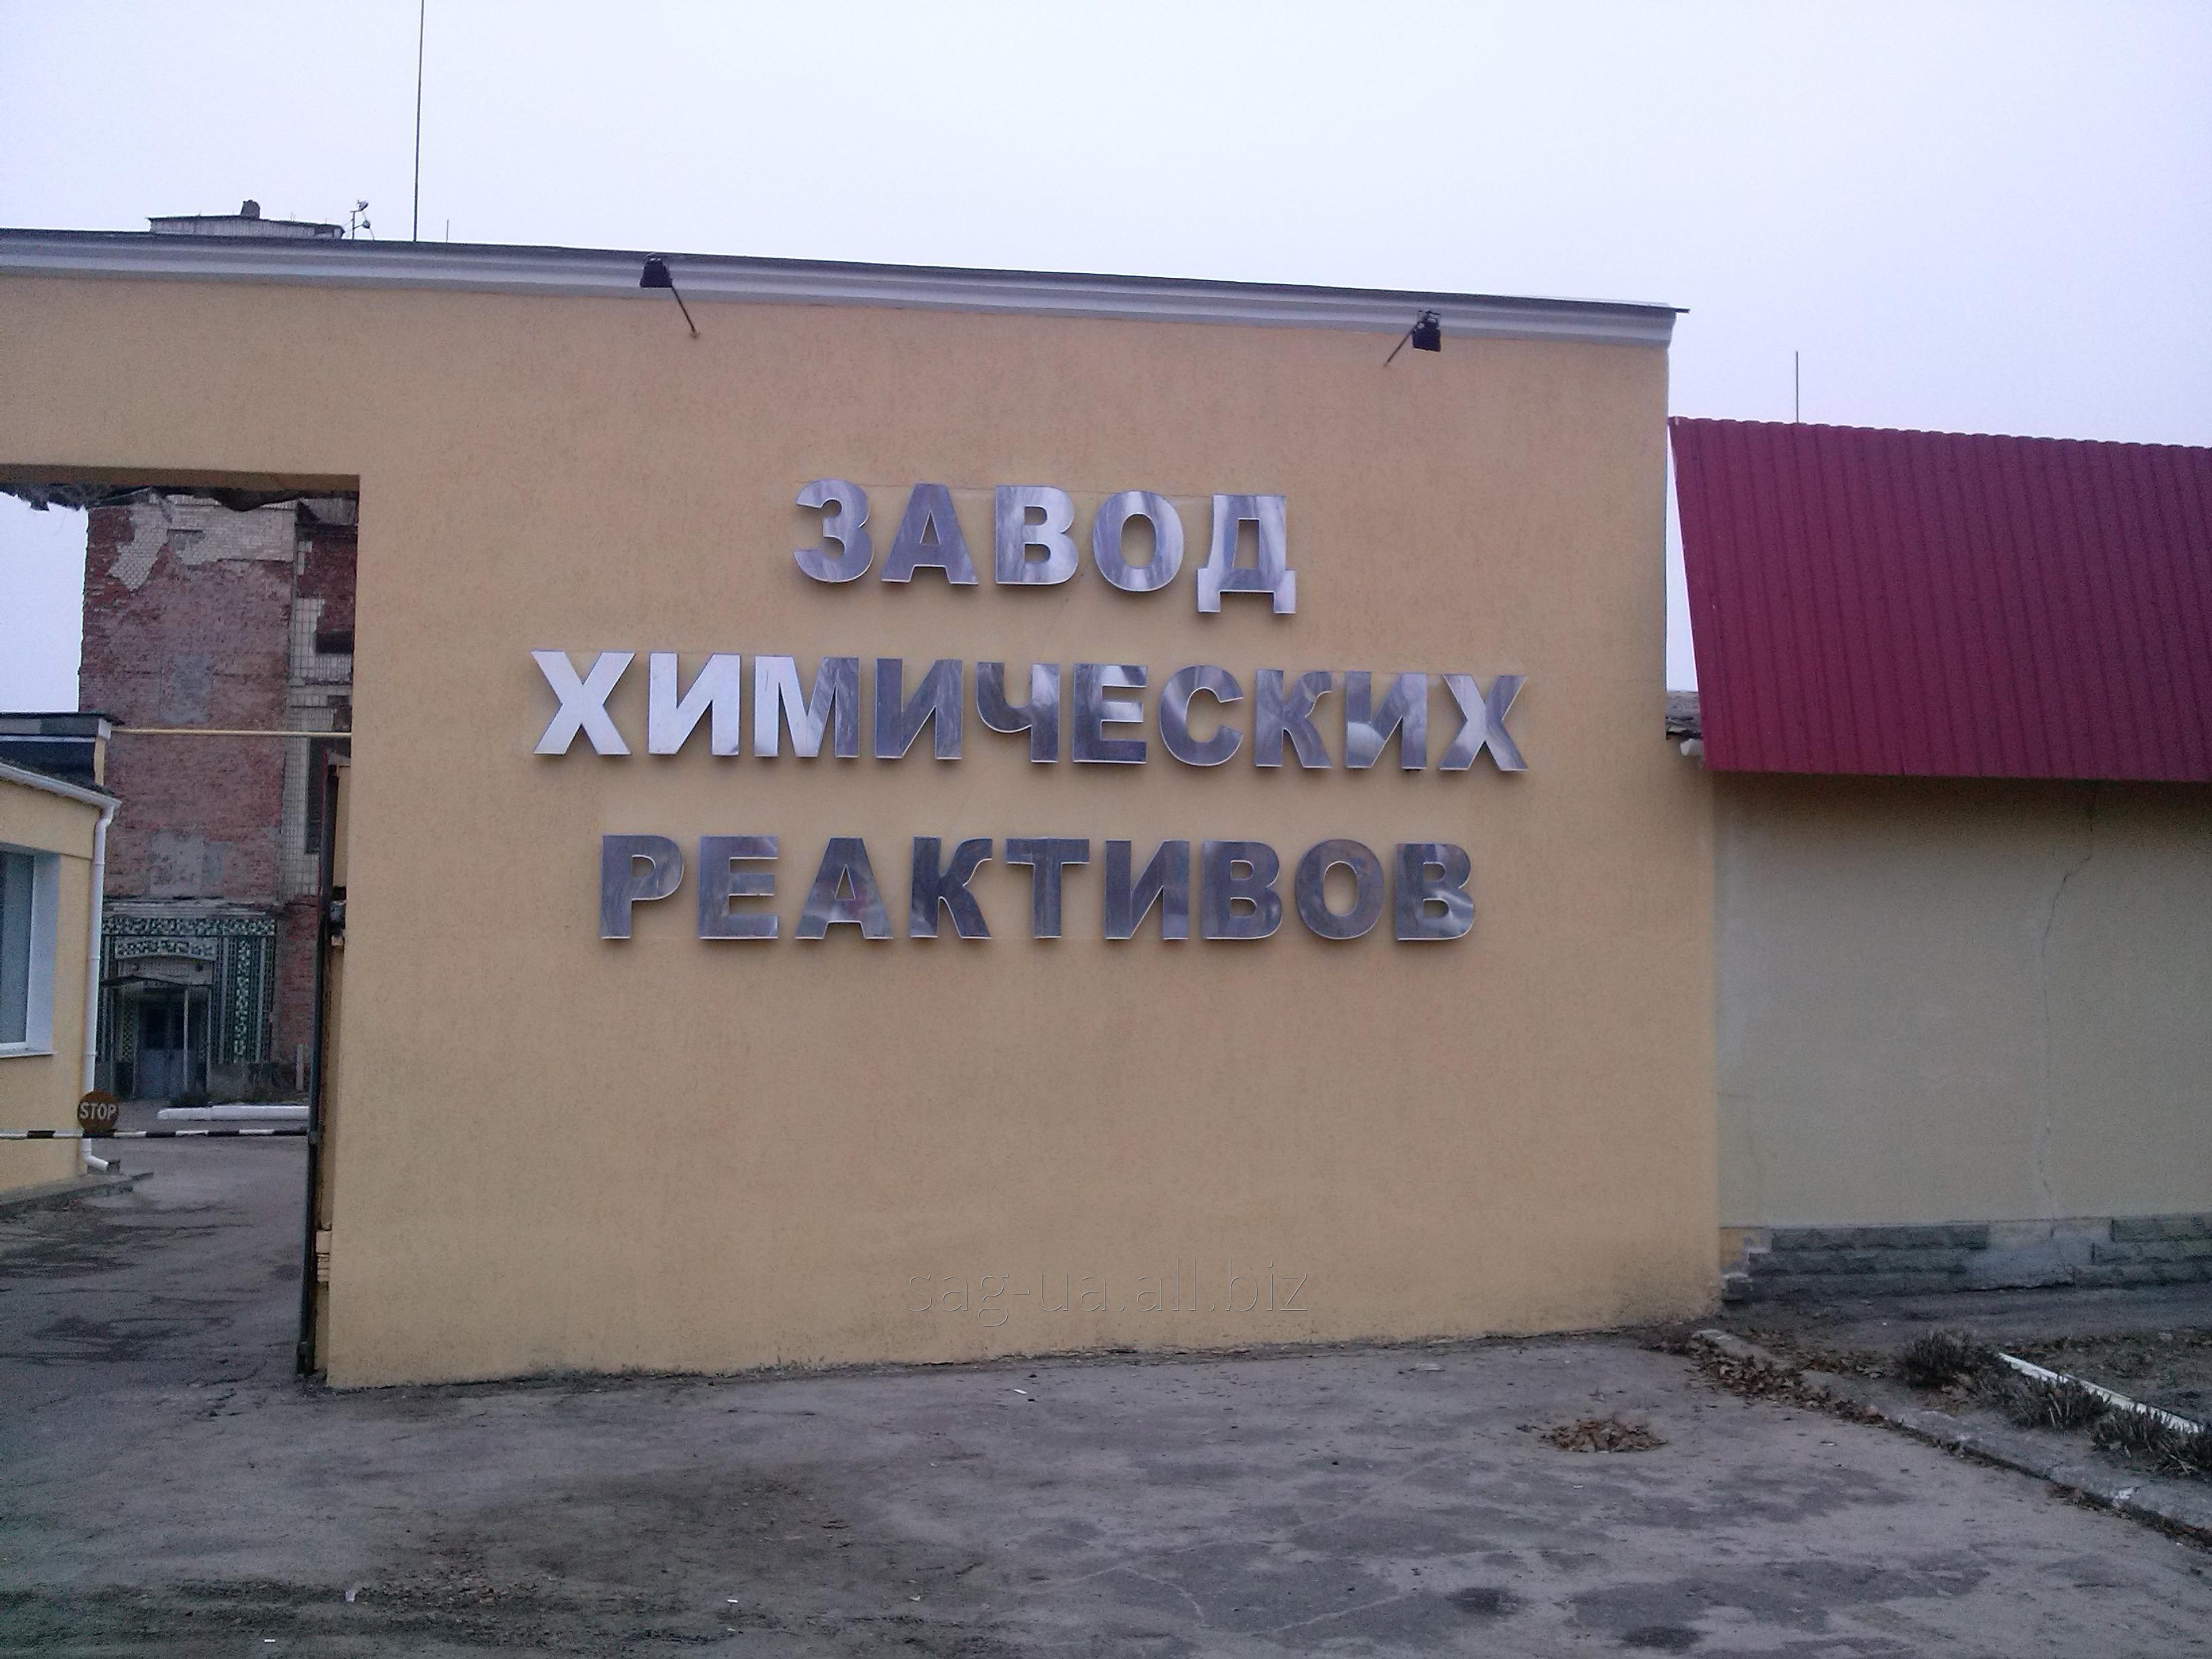 izgotovlenie_obemnyh_bukv_naruzhnyh